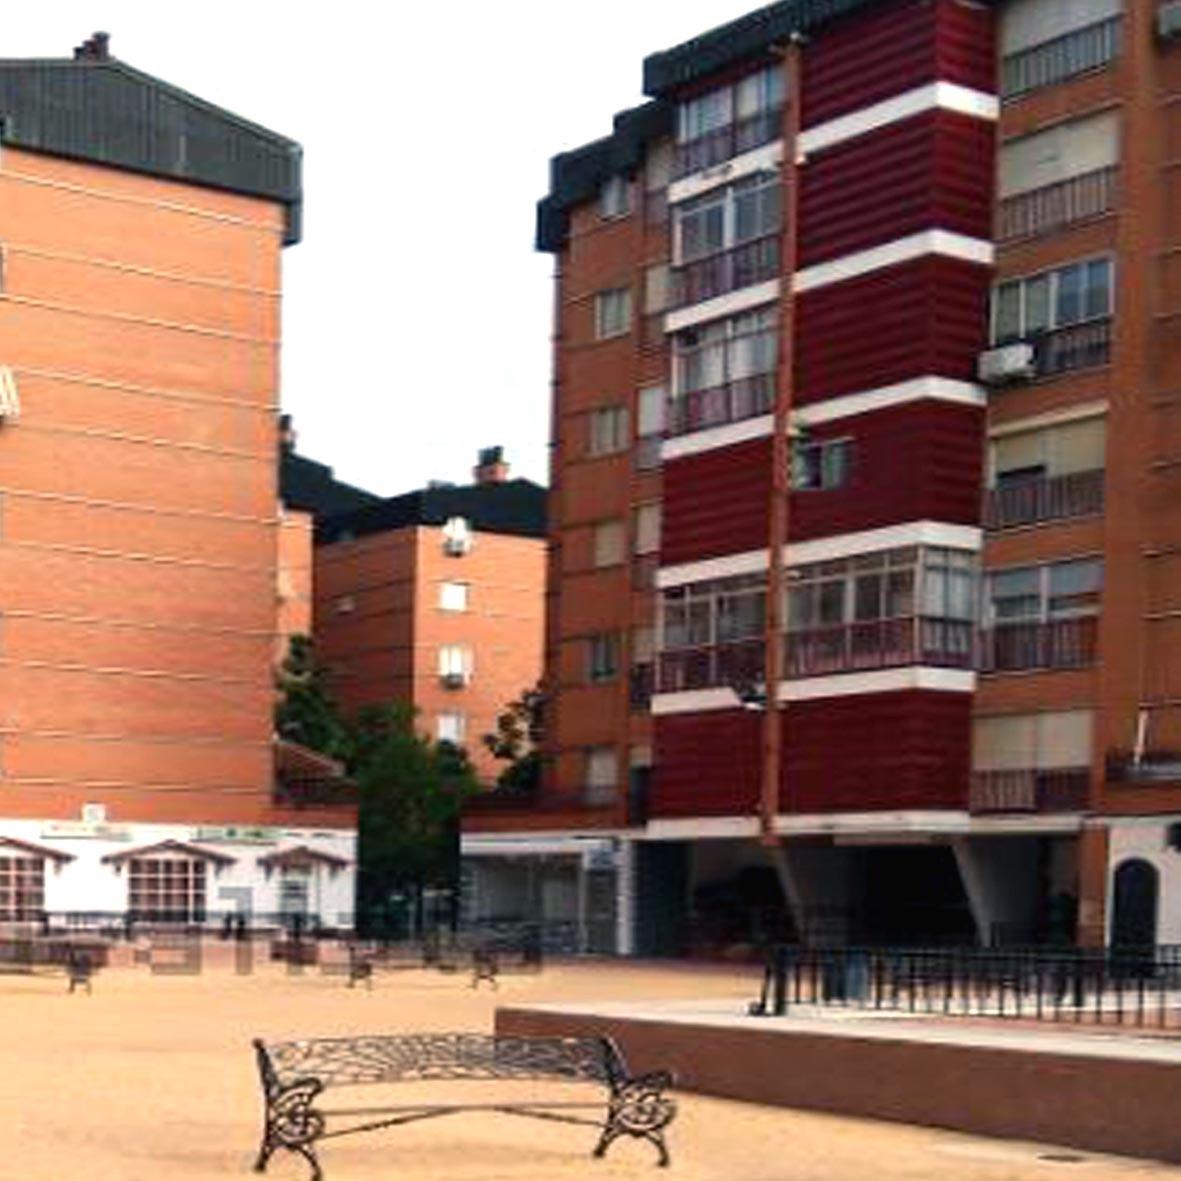 Se alquila habitación en Cáceres cerca del centro